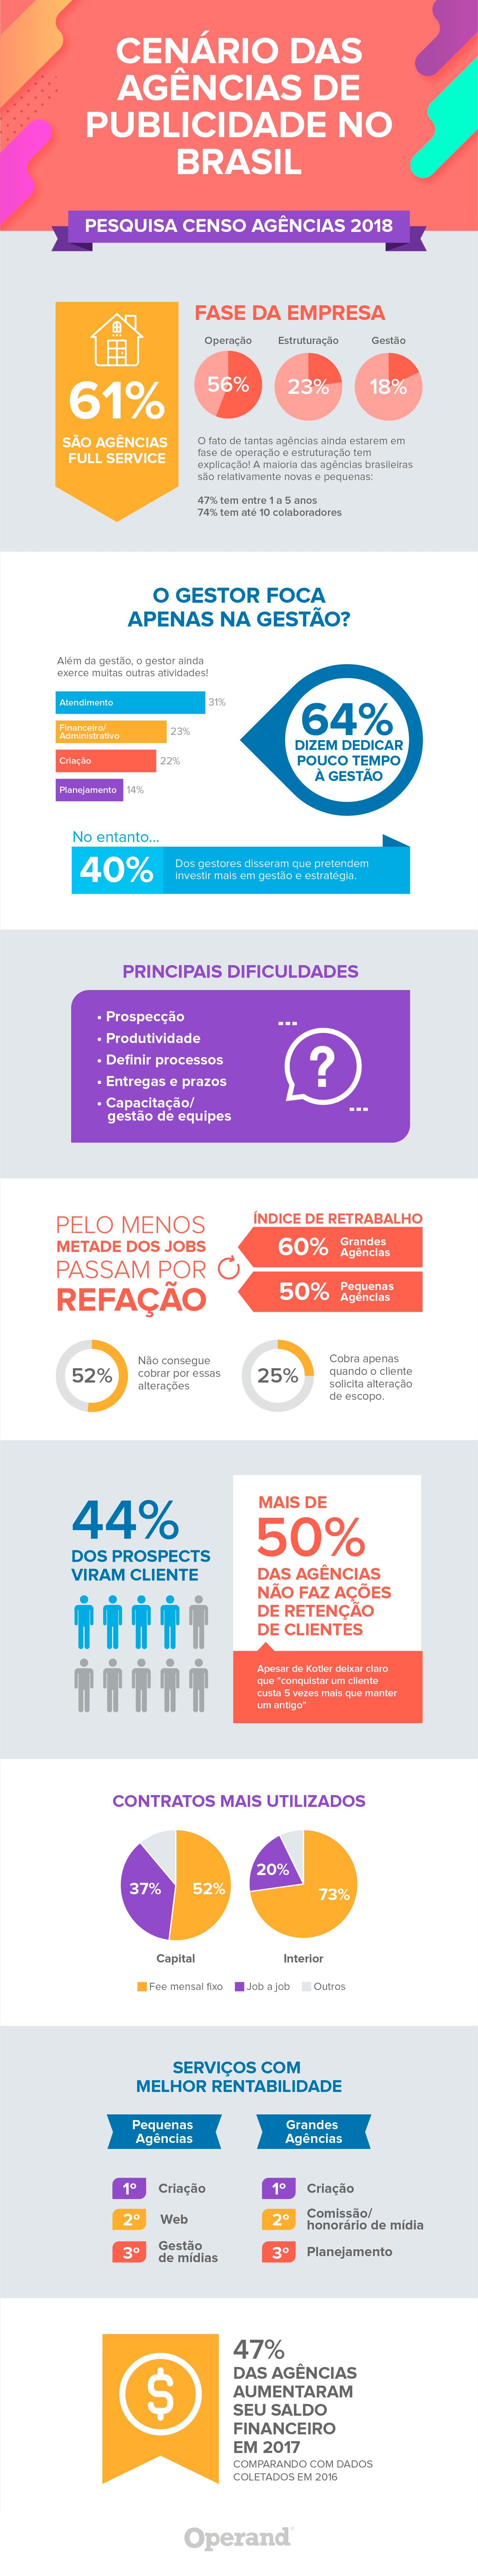 infografico-cenario-mercado-publicitario